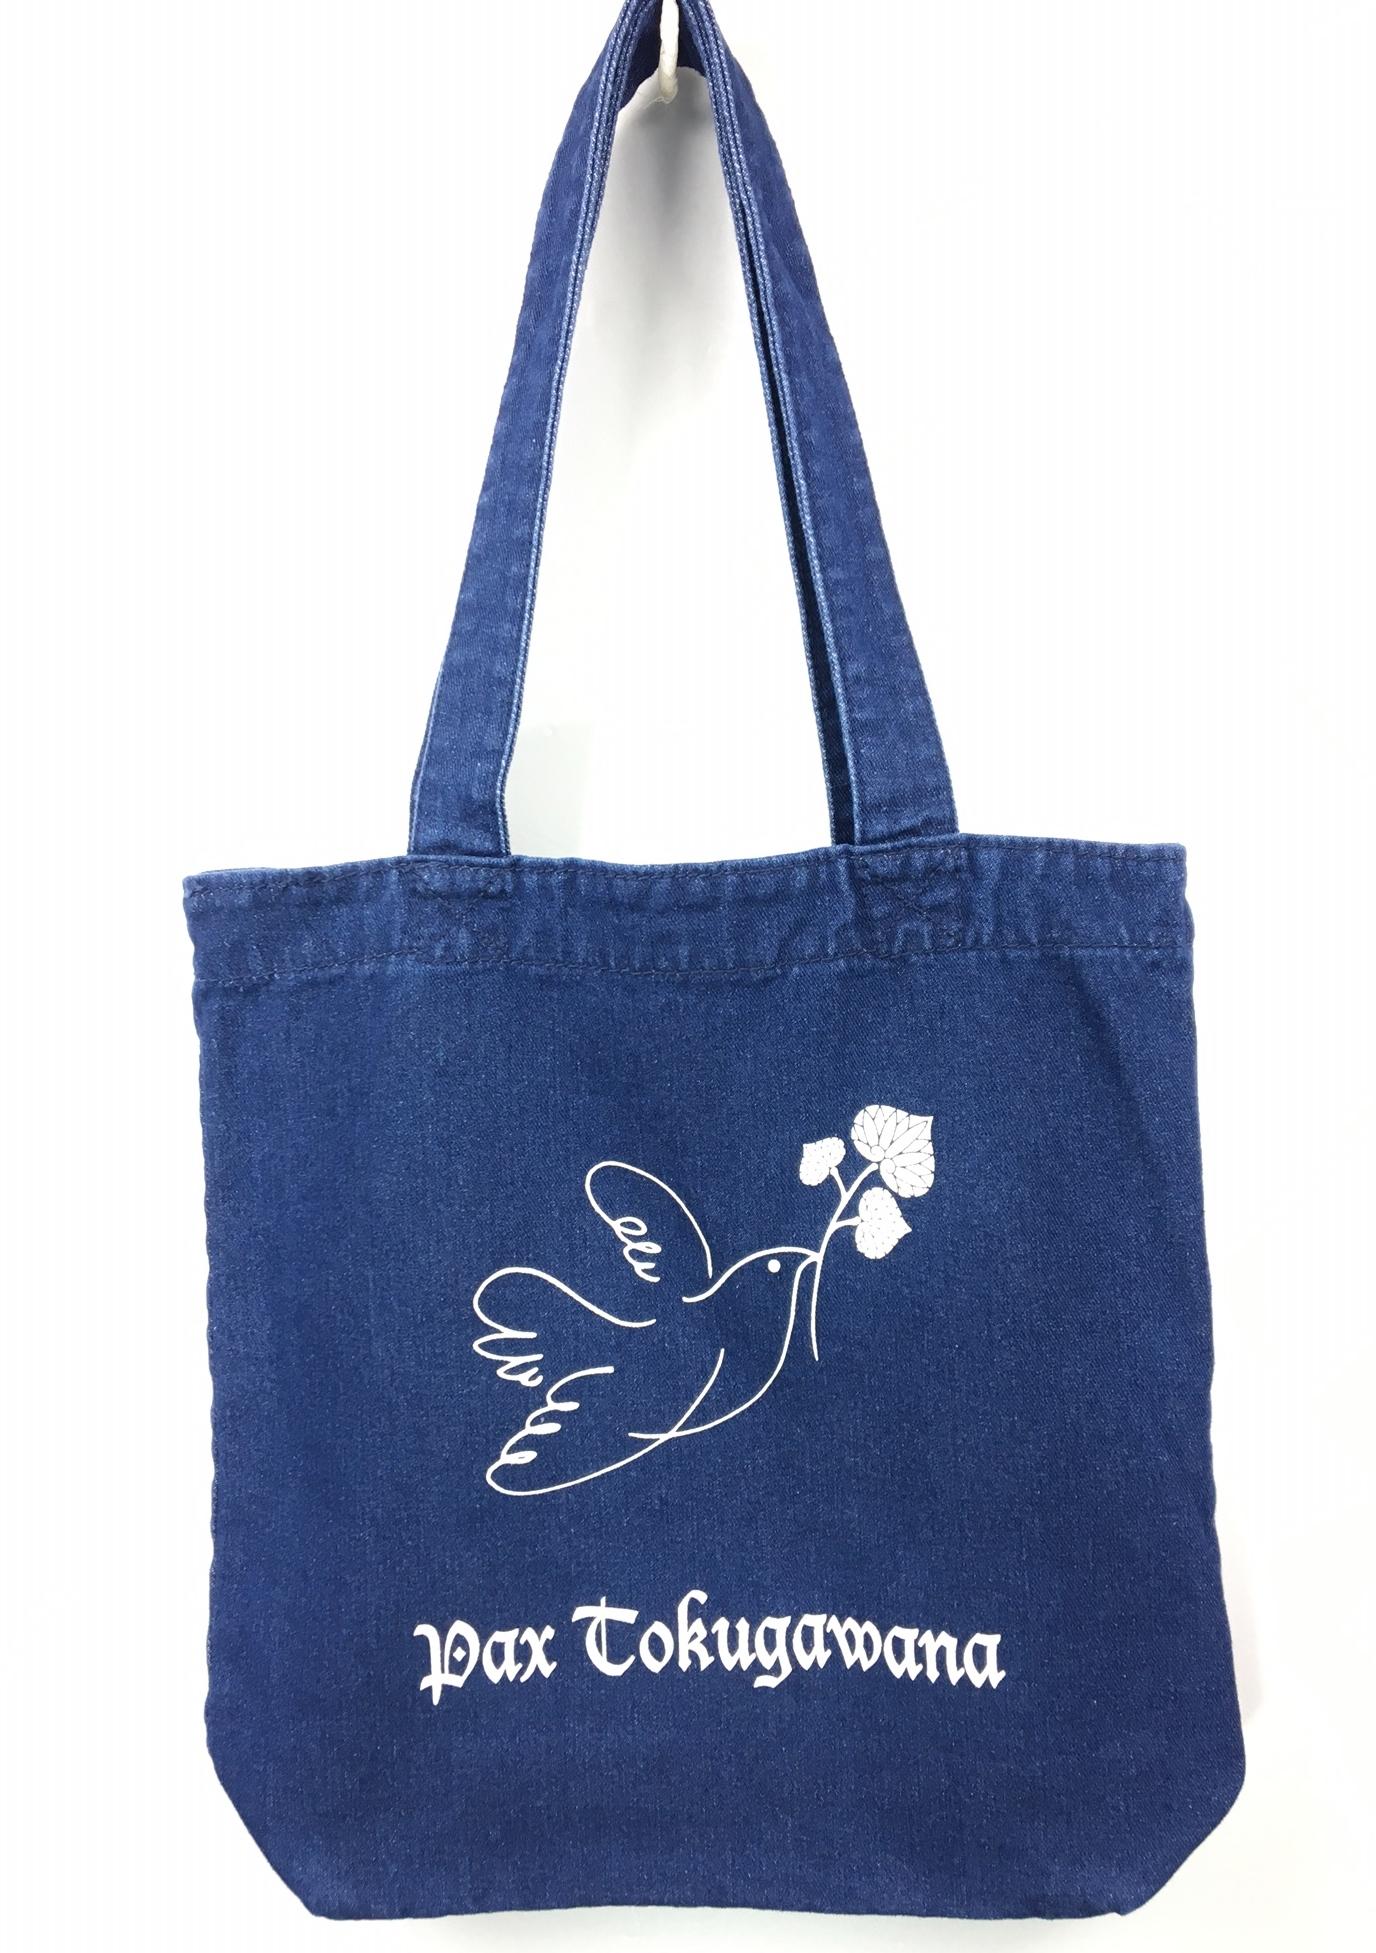 パックストクガワーナ(徳川の平和)デニムトートバッグ